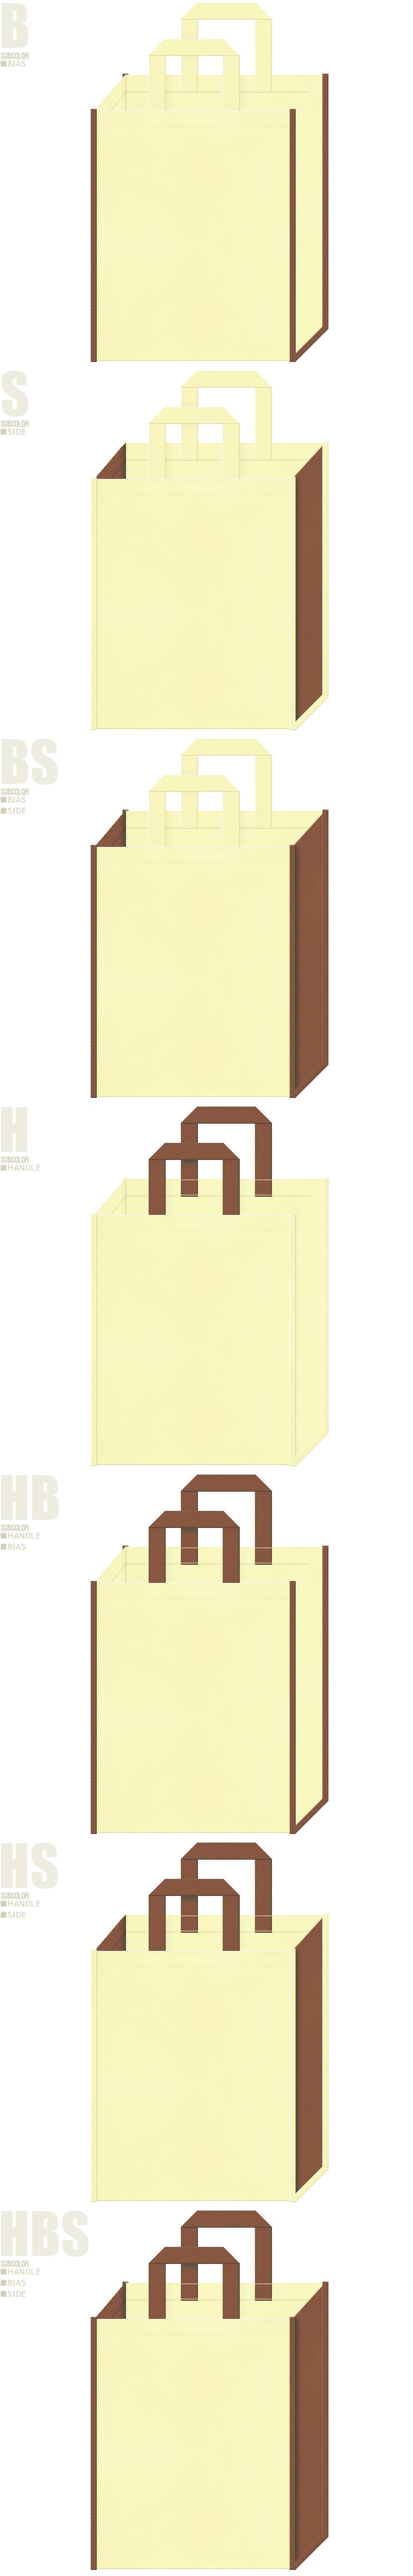 絵本・クリームパン・ベーカリー・プリン・お菓子・スイーツにお奨めの不織布バッグデザイン:薄黄色と茶色の配色7パターン。